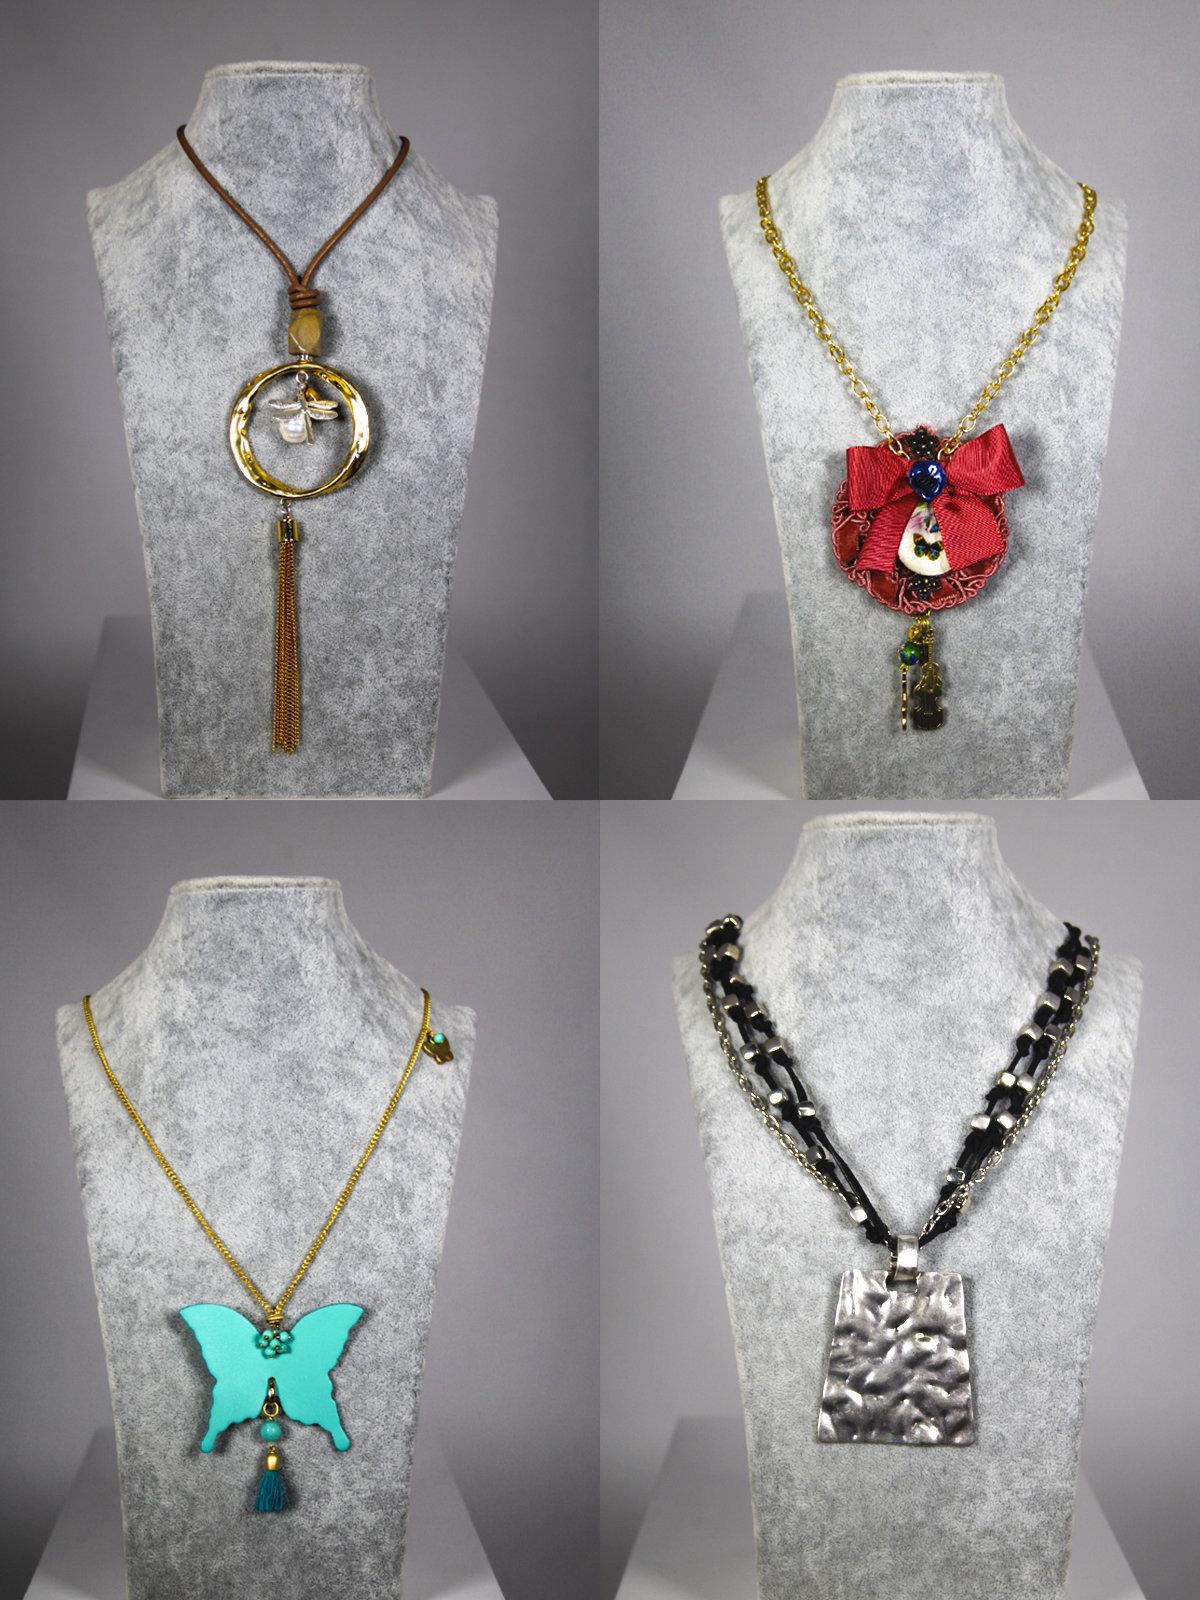 22b27d856c43 Comprar tus complementos de moda online en un solo click